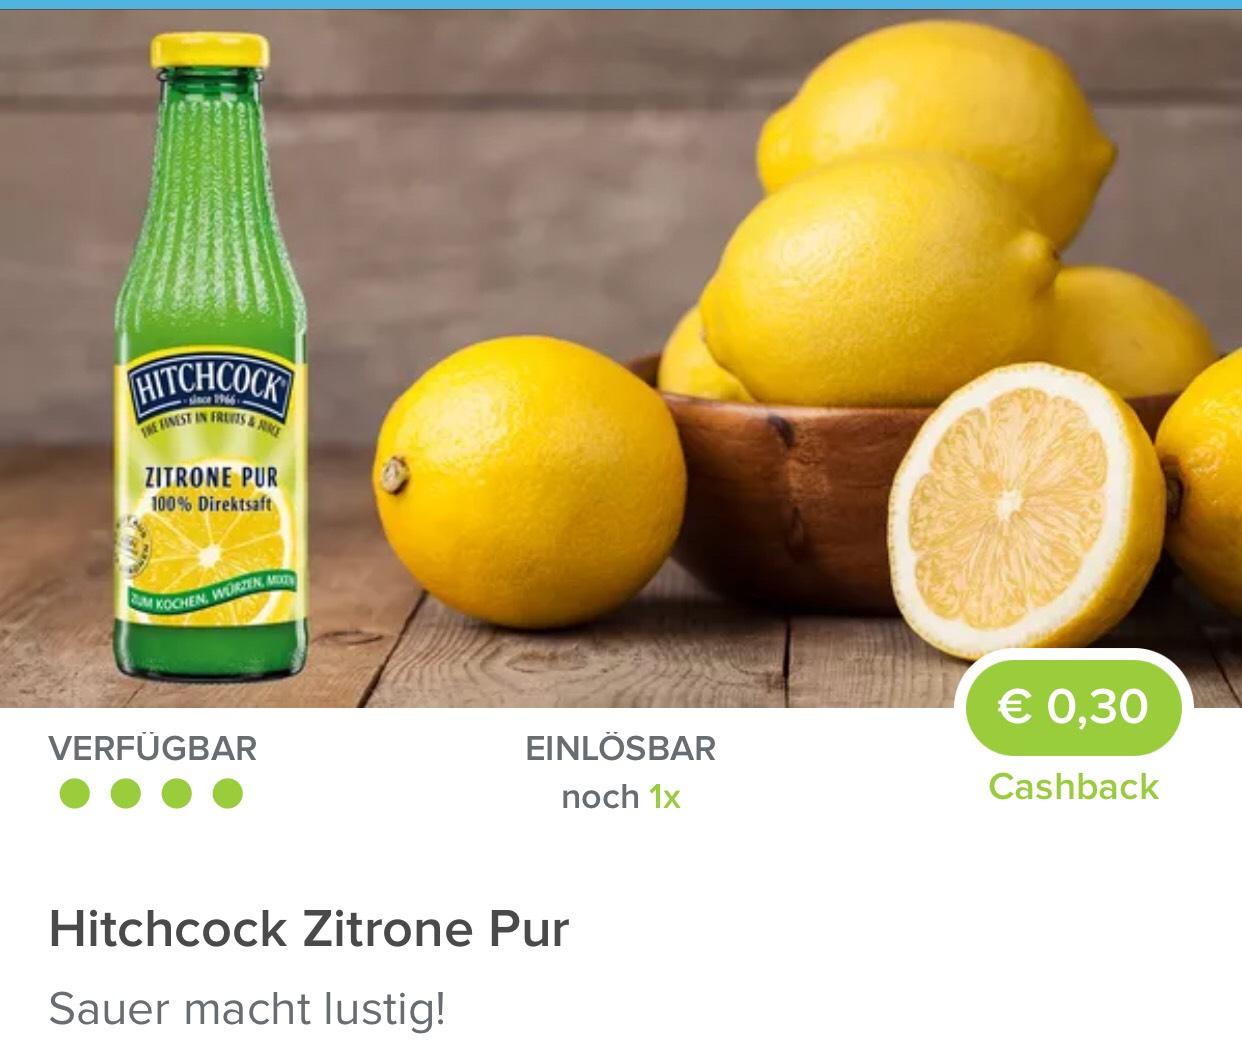 Hitchcock 0,30€ Rabatt (Cashback) von Marktguru